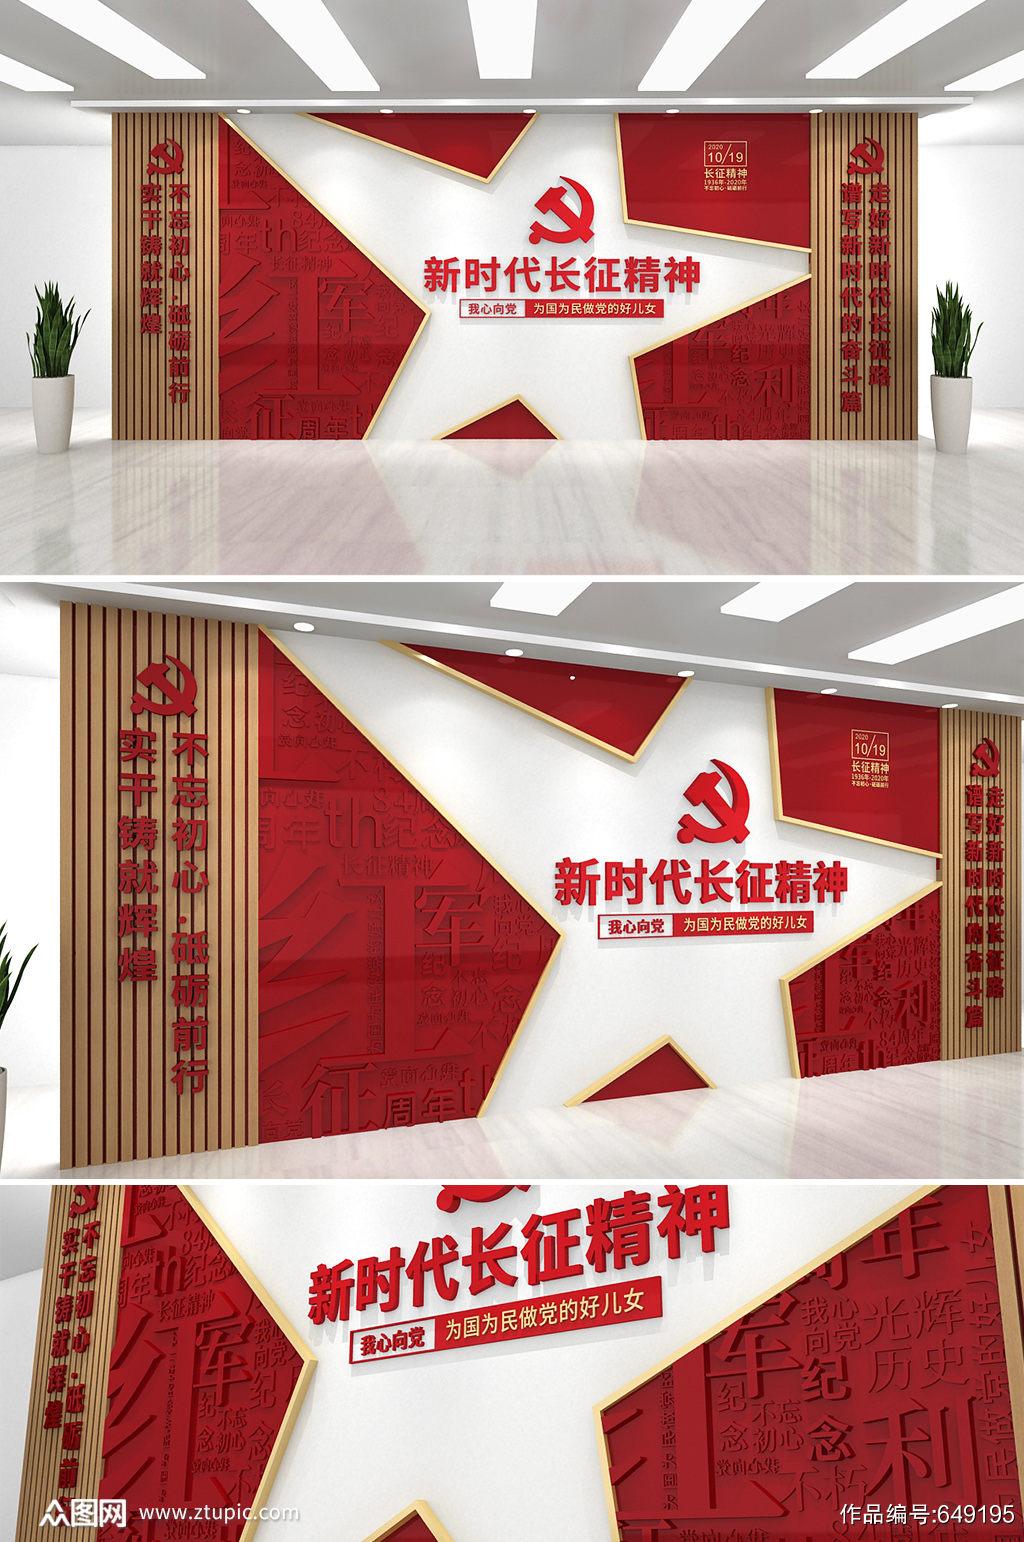 红木大气星型新时代长征精神党建标语口号形象墙文化墙素材